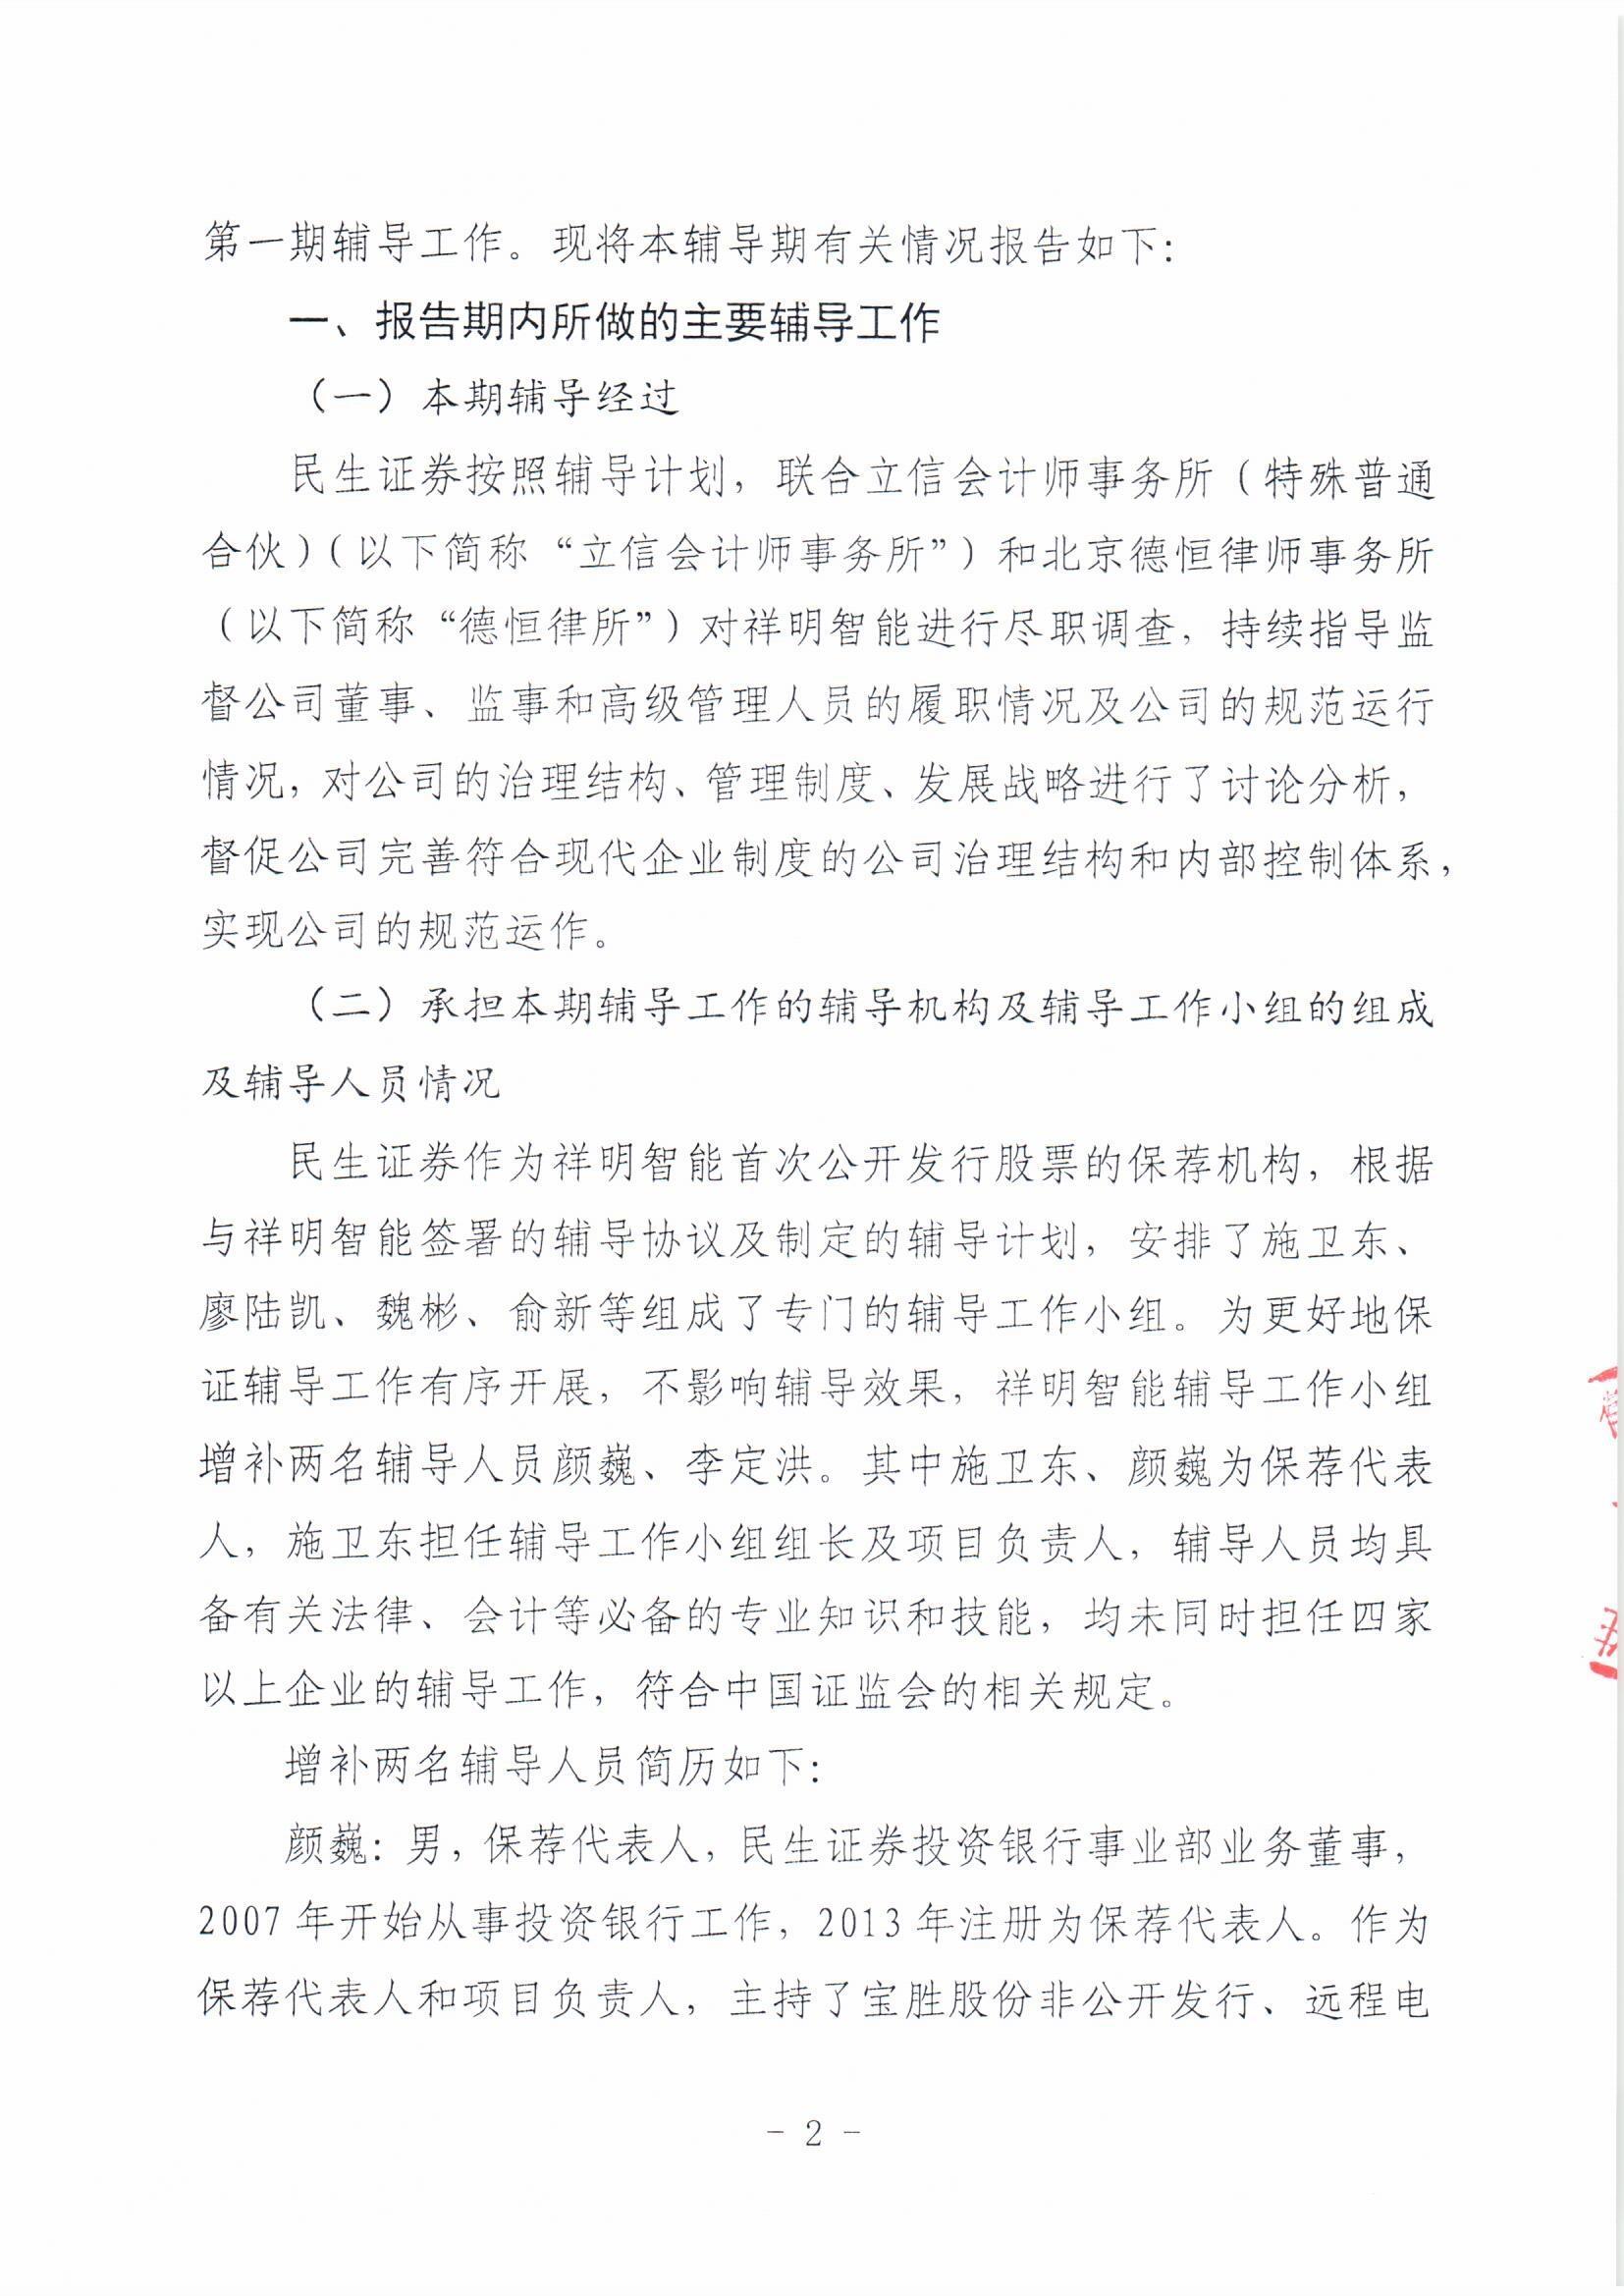 祥明智能第一期辅导的备案报告-上传版20200918_页面_02.jpg